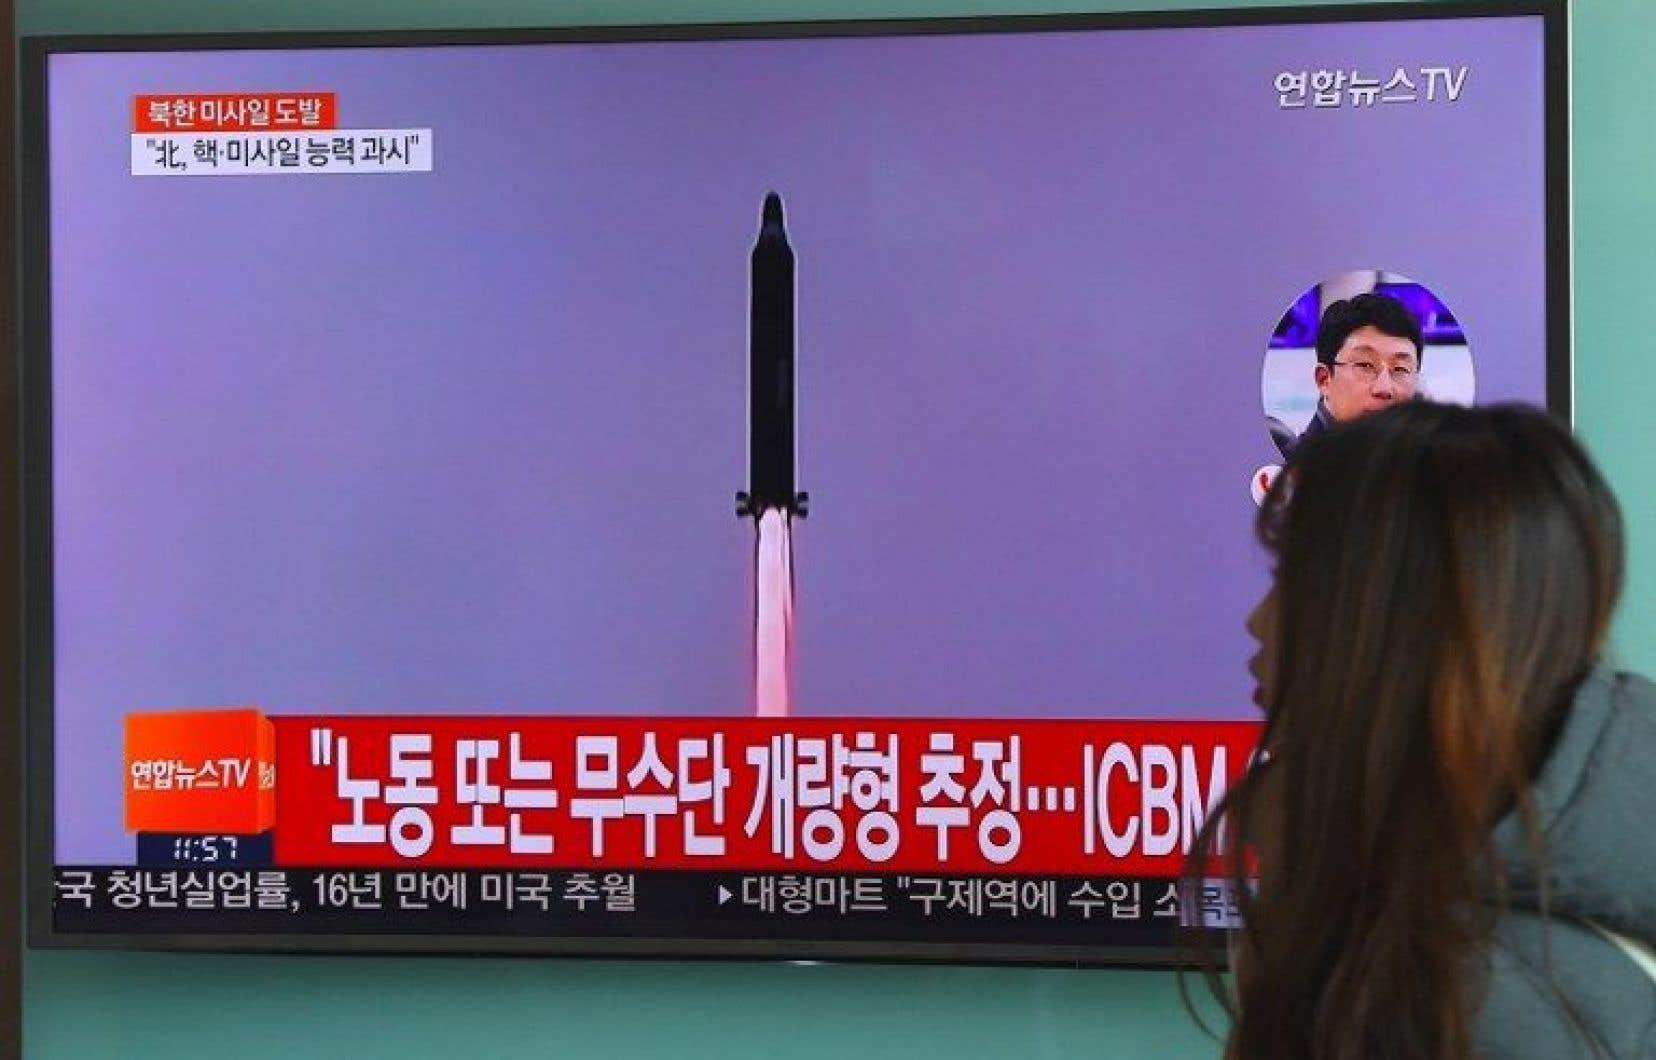 Dimanche, la Corée du Nord a tiré un missile balistique